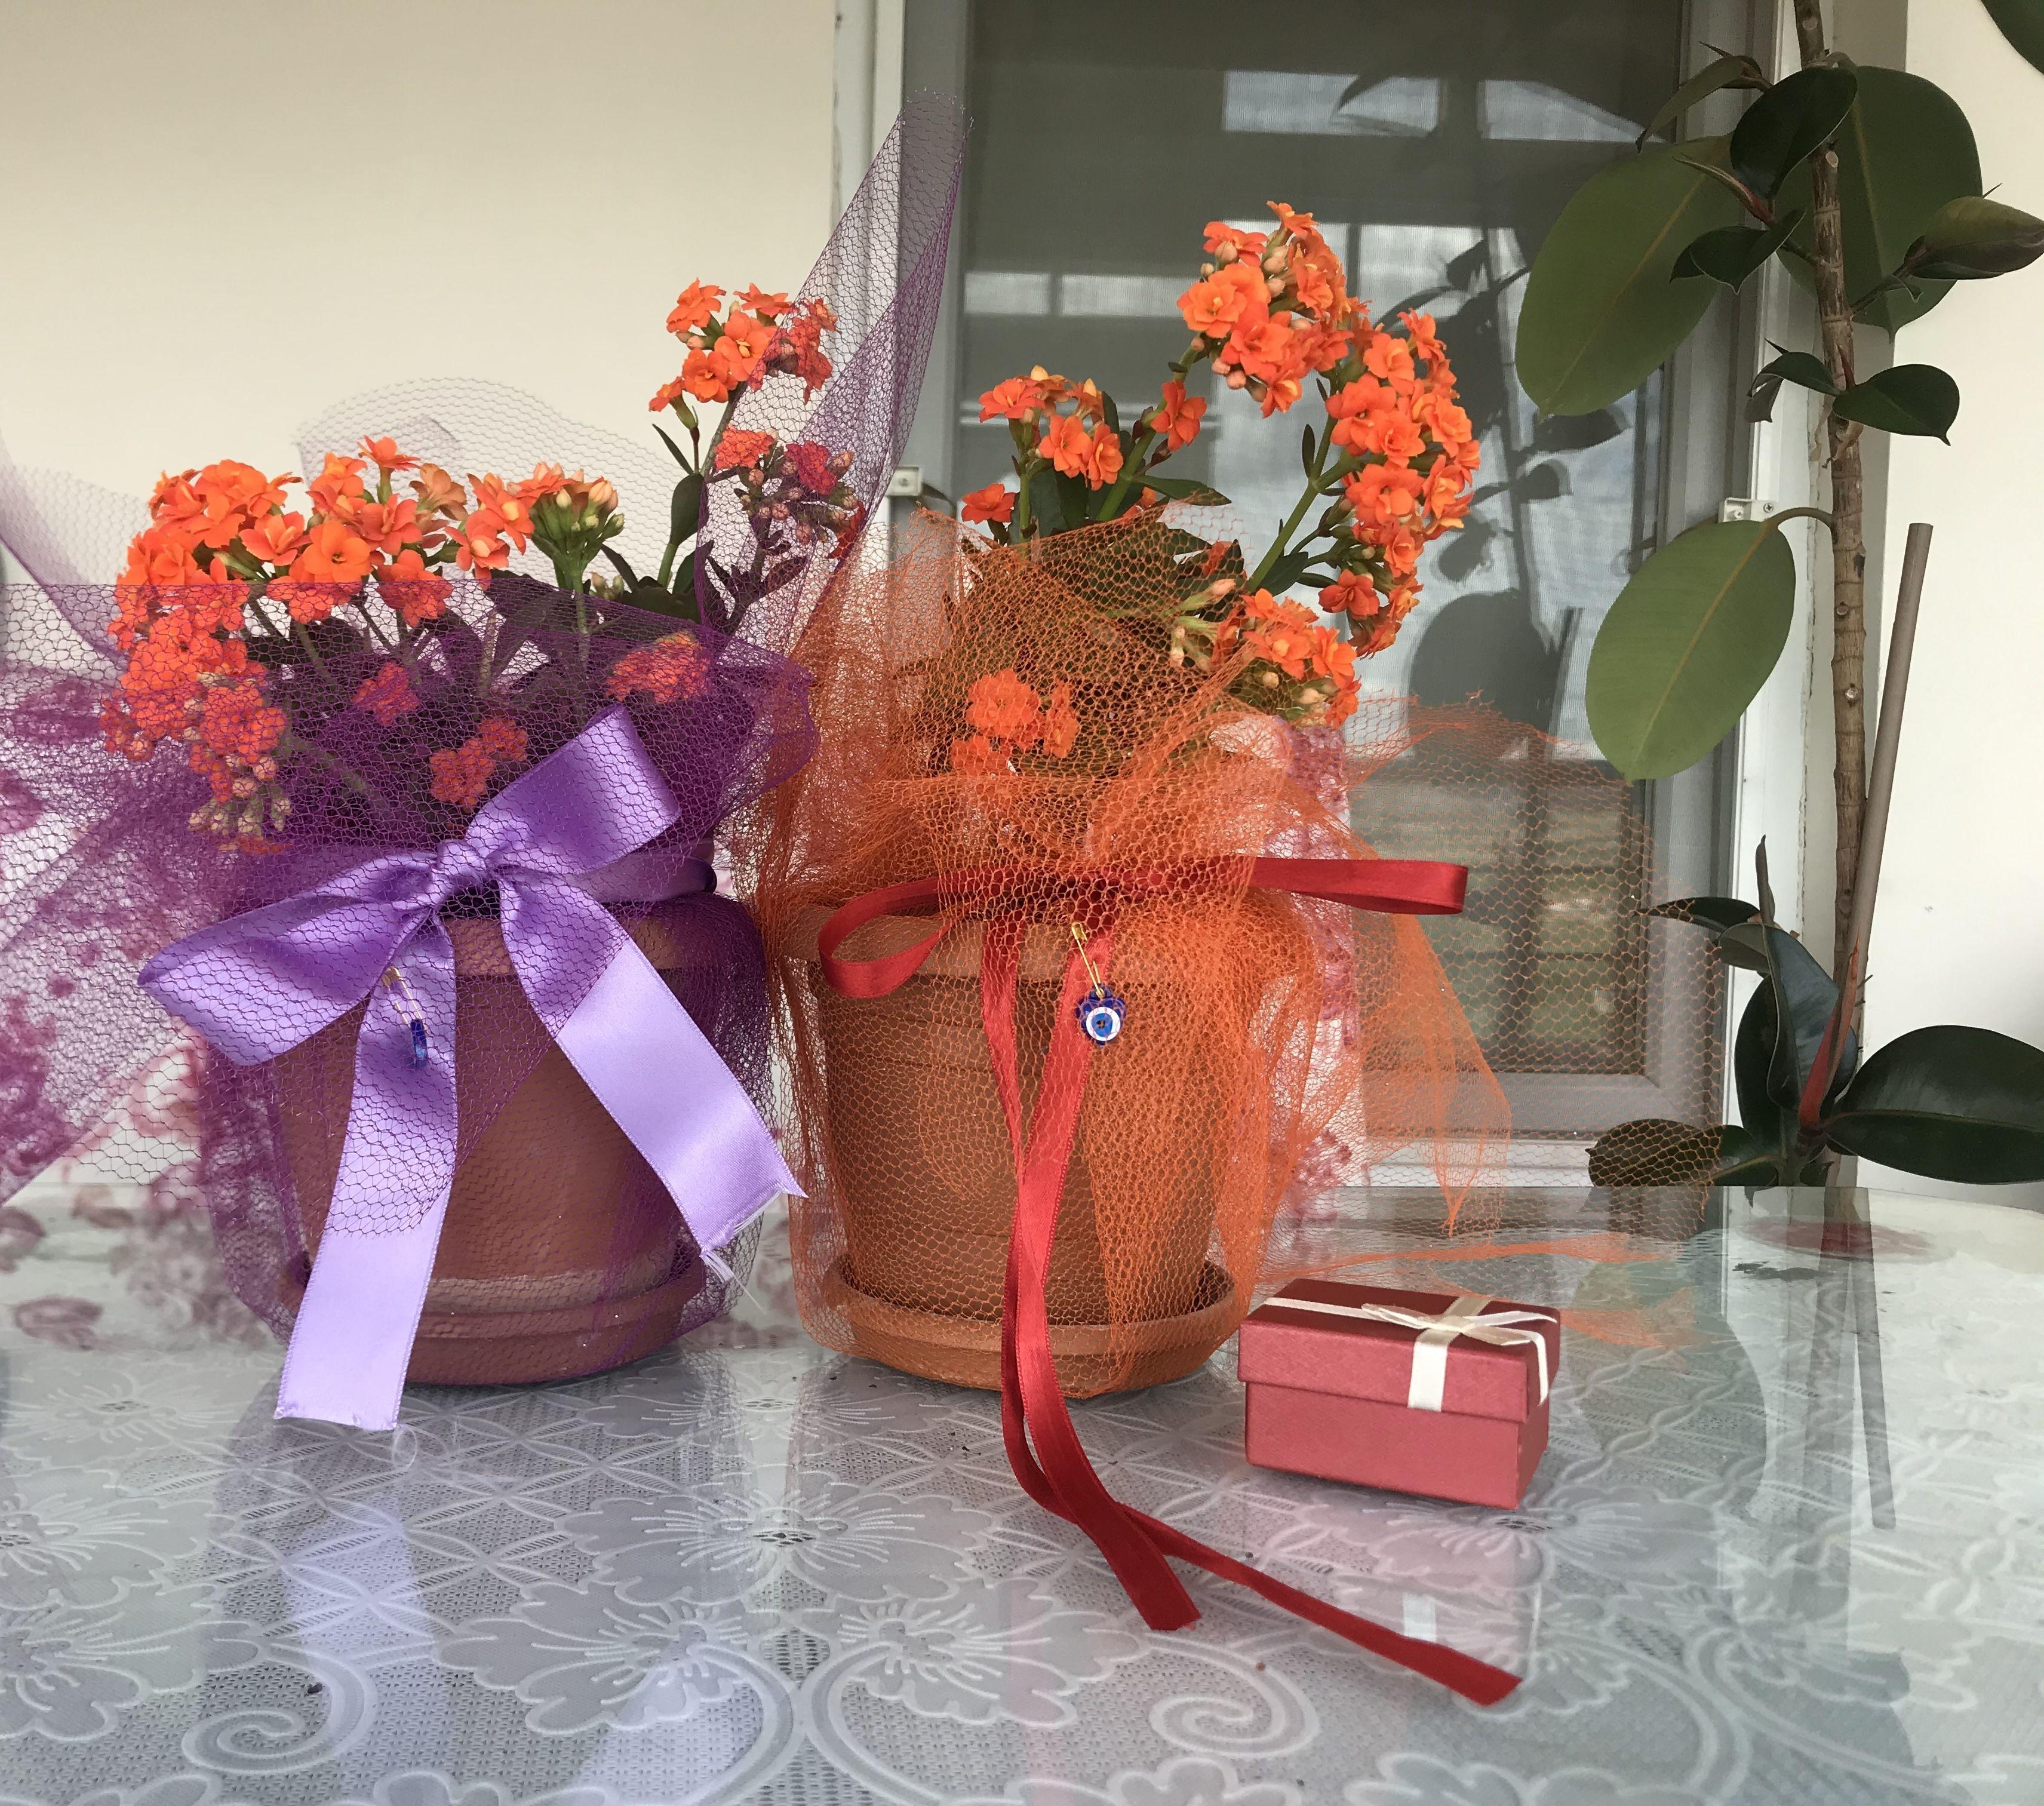 Anneler günü için kendi büyüttüğüm çiçekten hediyelik hazırladım.